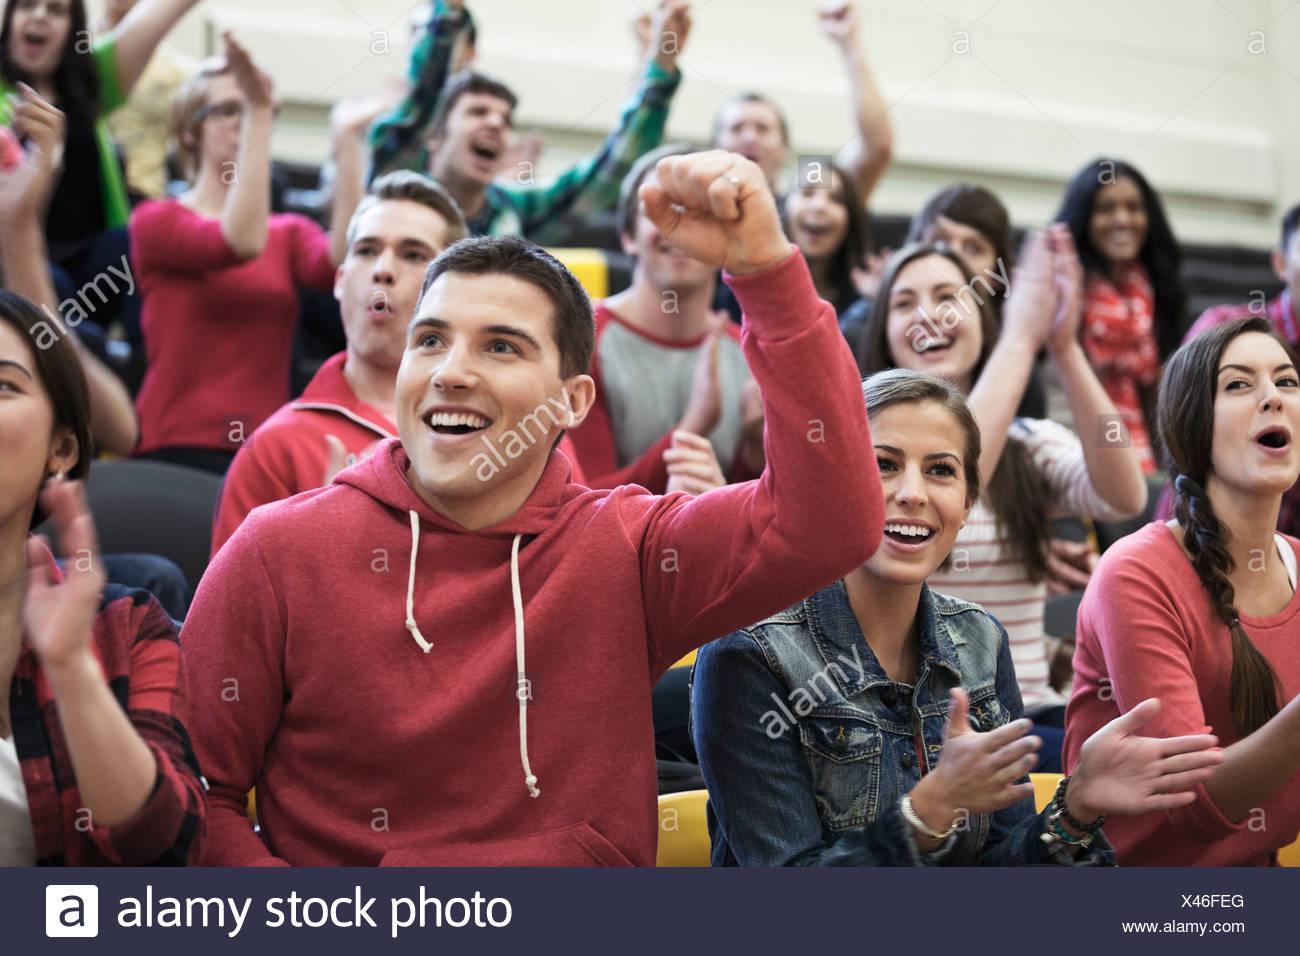 Un folto gruppo di studenti tifo presso il college di eventi sportivi Immagini Stock